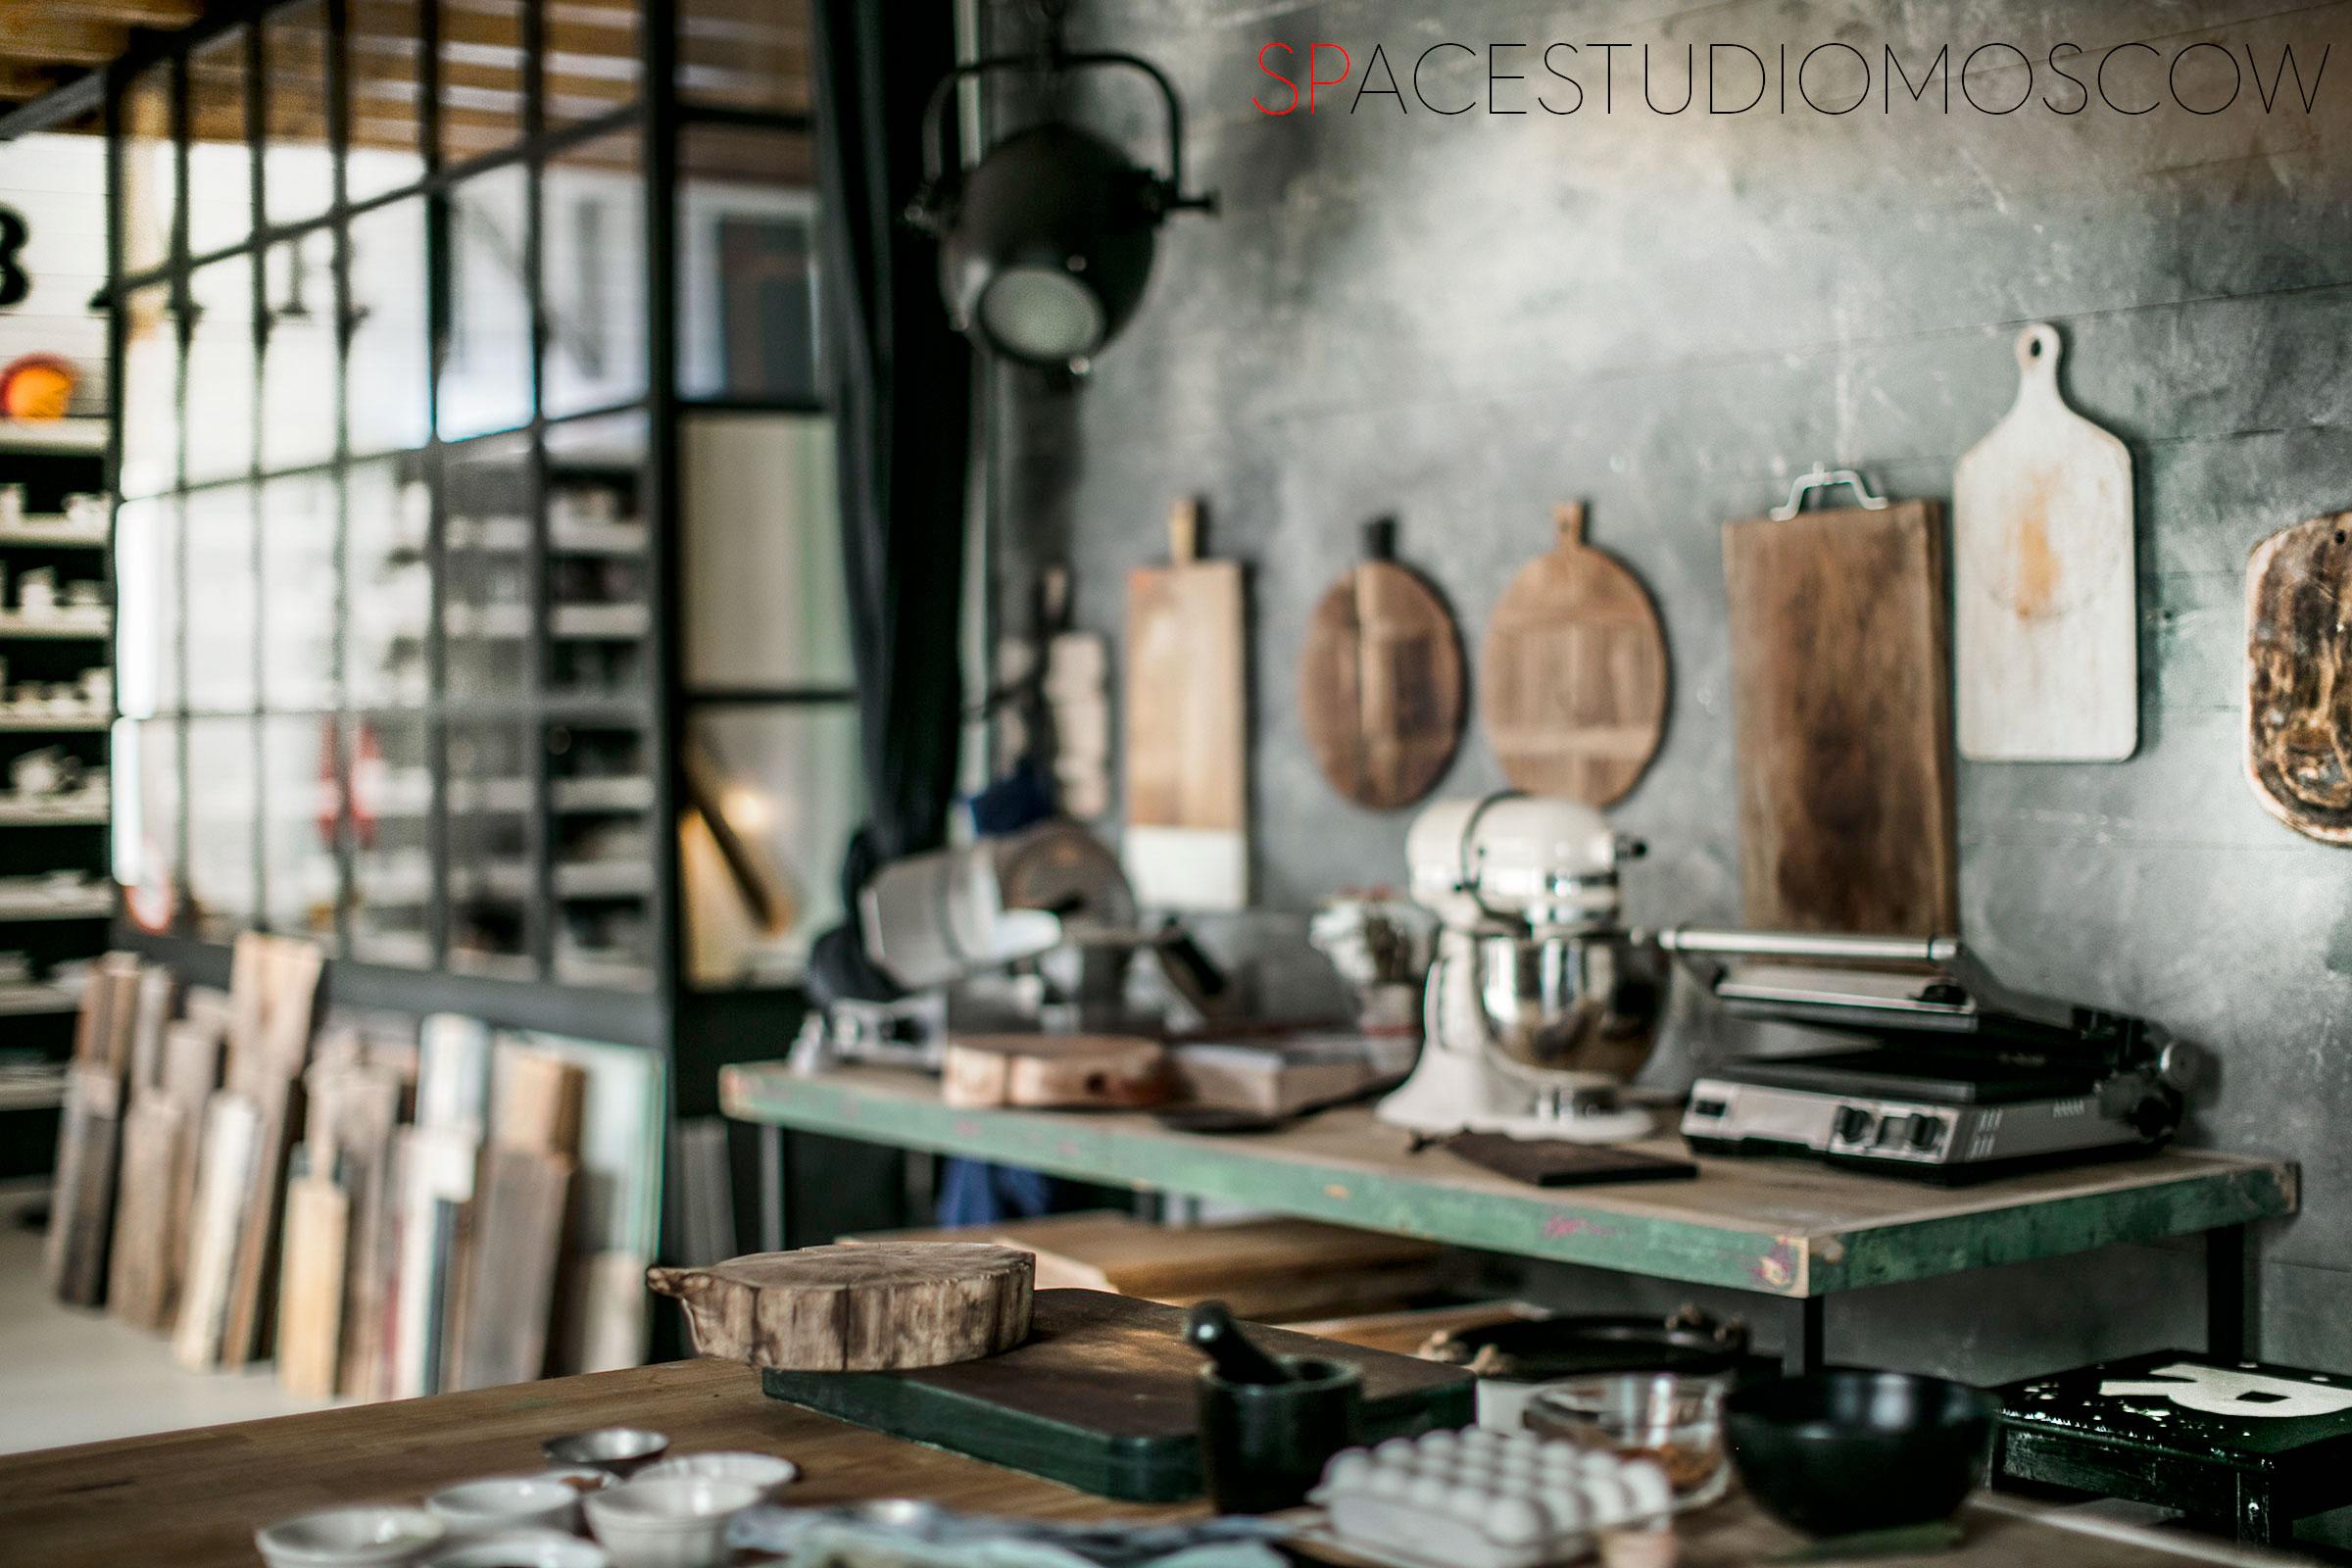 Кулинарная фотостудия SPACESTUDIOMOCOW